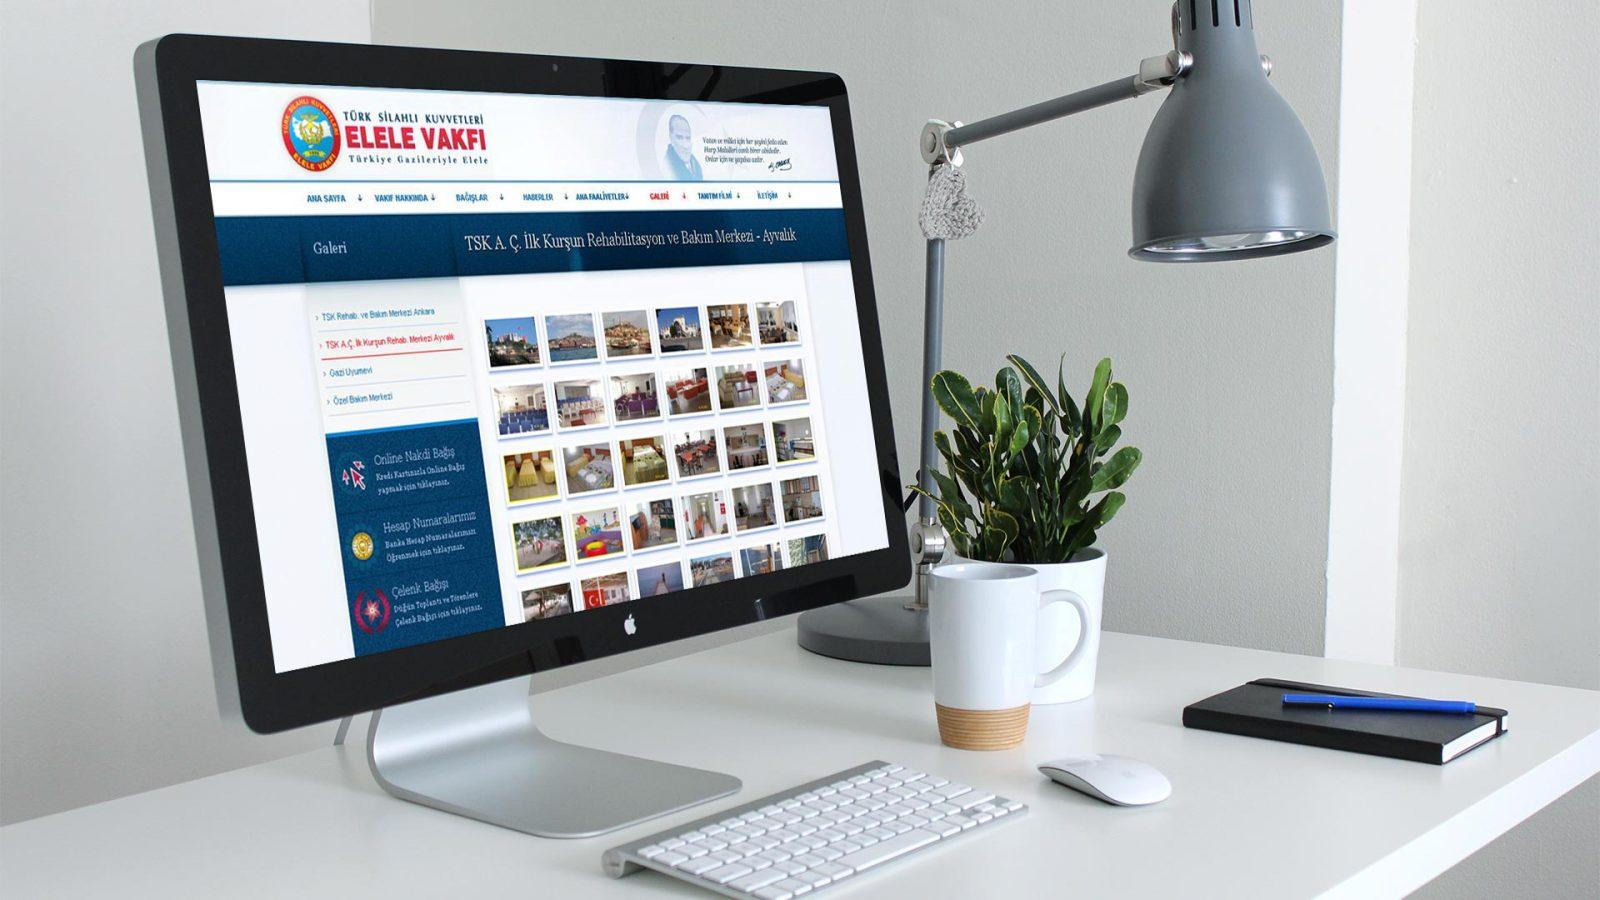 elele vakfı web sitesi tasarımı 03